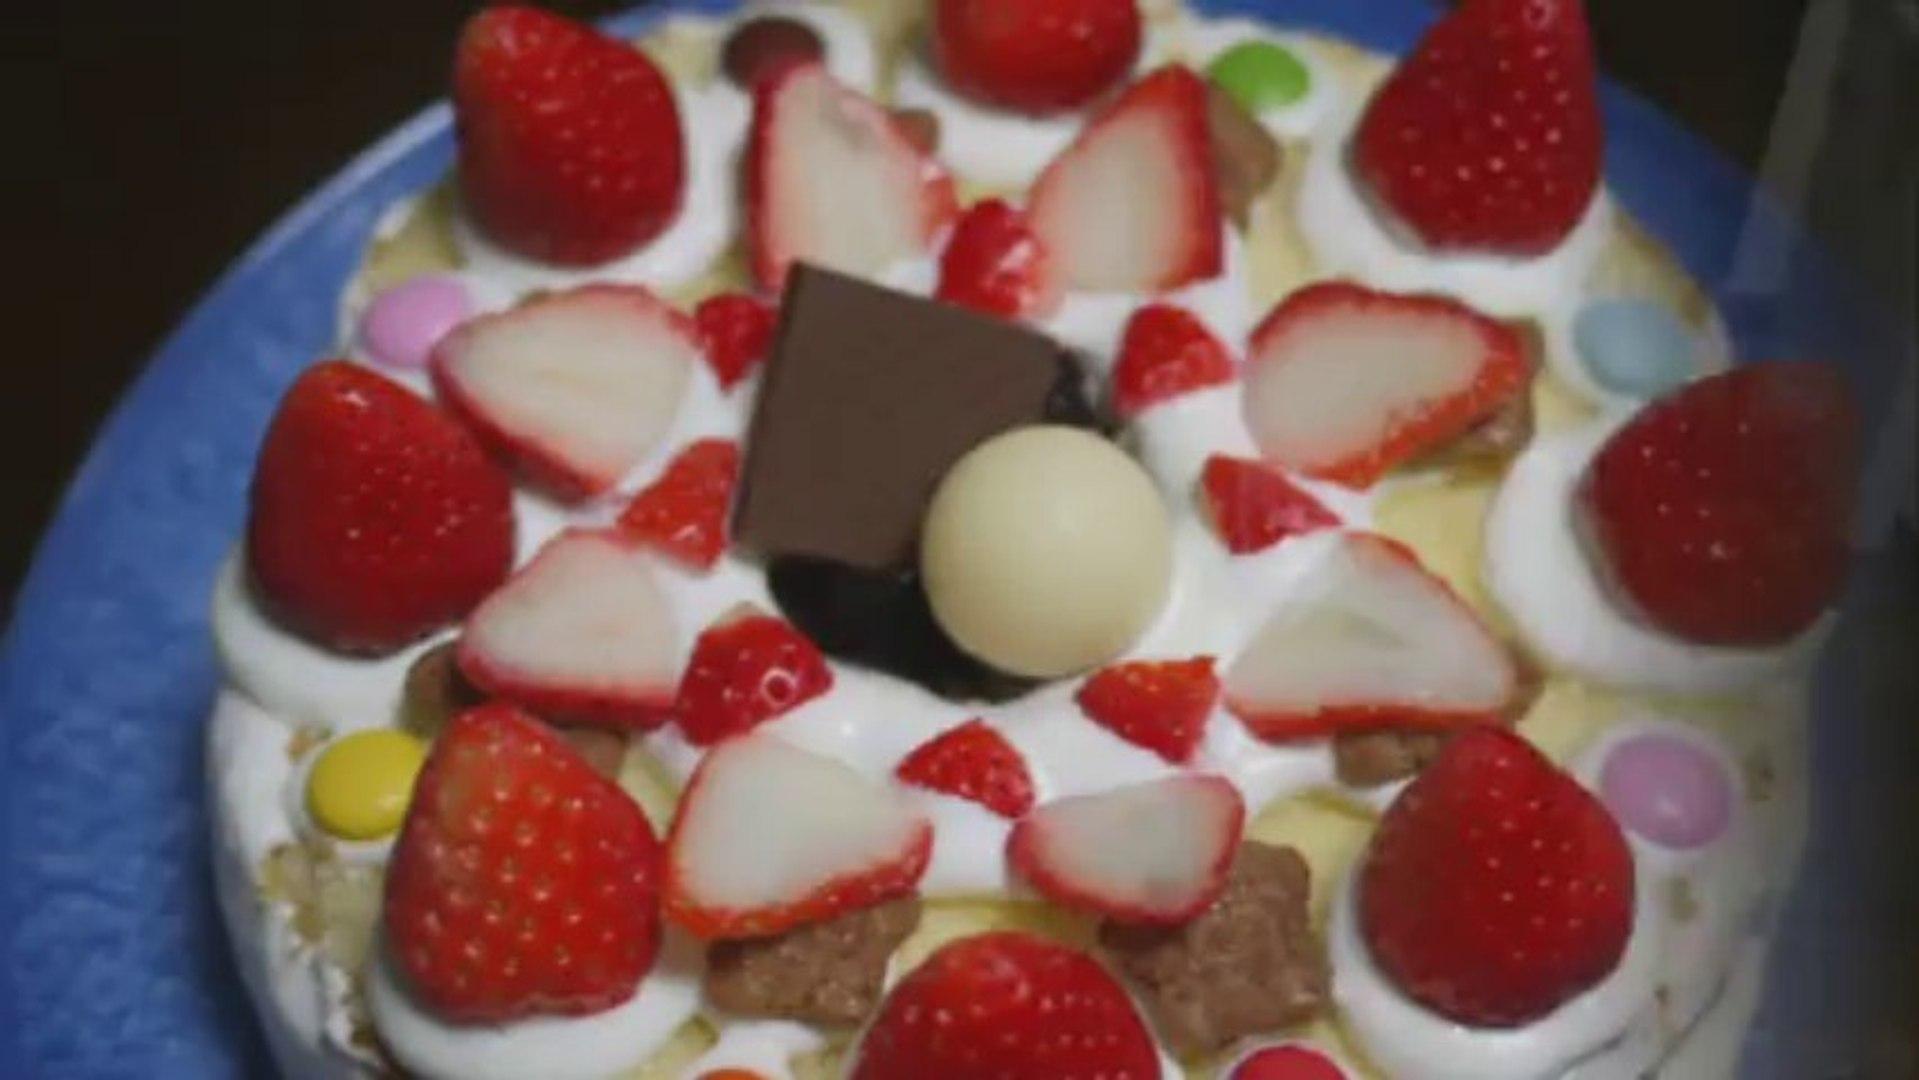 クリスマスケーキ,Christmas cake,ケーキ レシピ,イチゴケーキ,Cake recipes,Strawberry cake